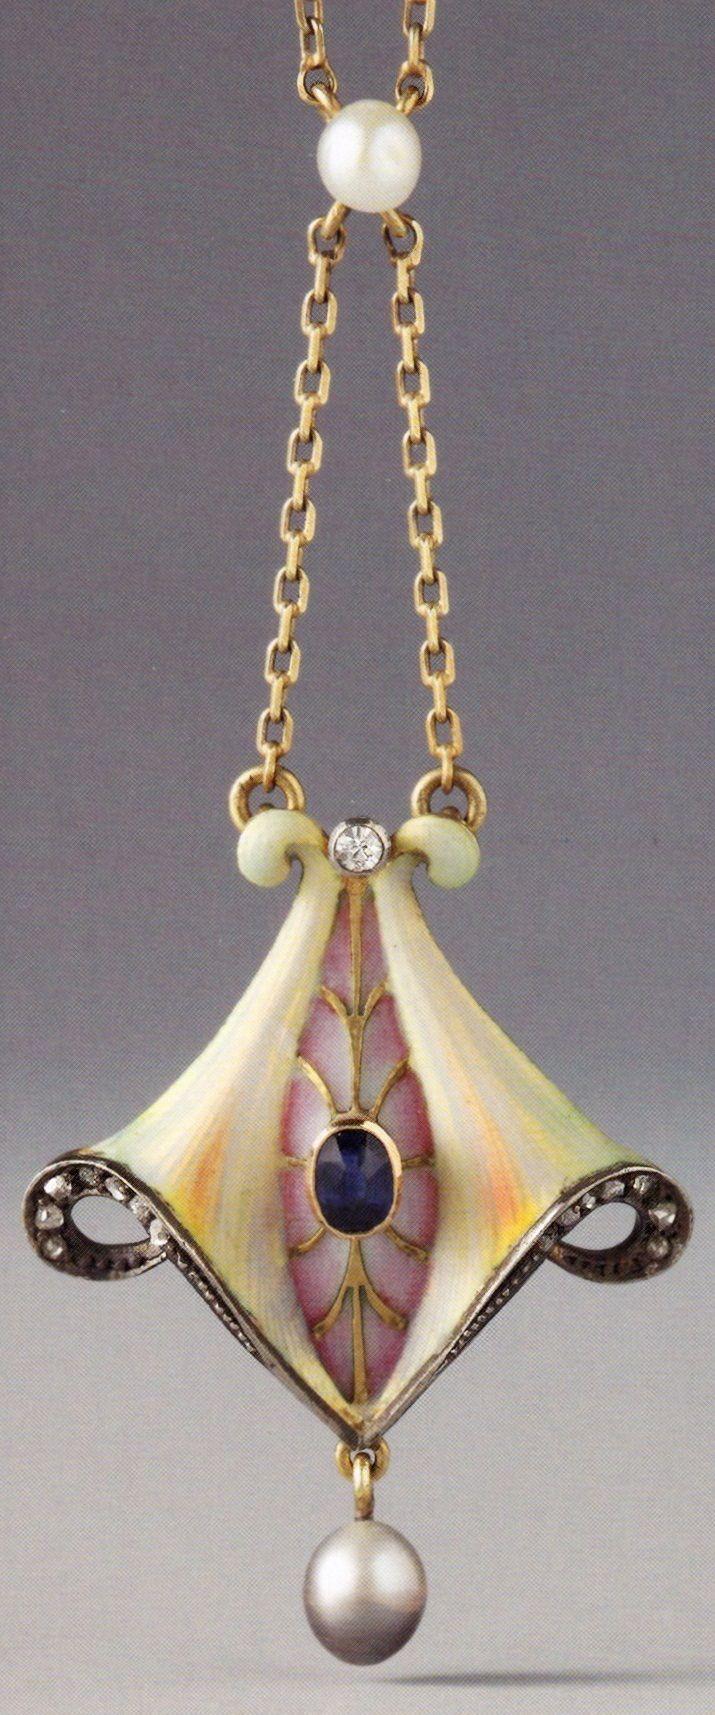 A Jugendstil / Art Nouveau pendant, German, 1903-1910. Composed of gold, silver…